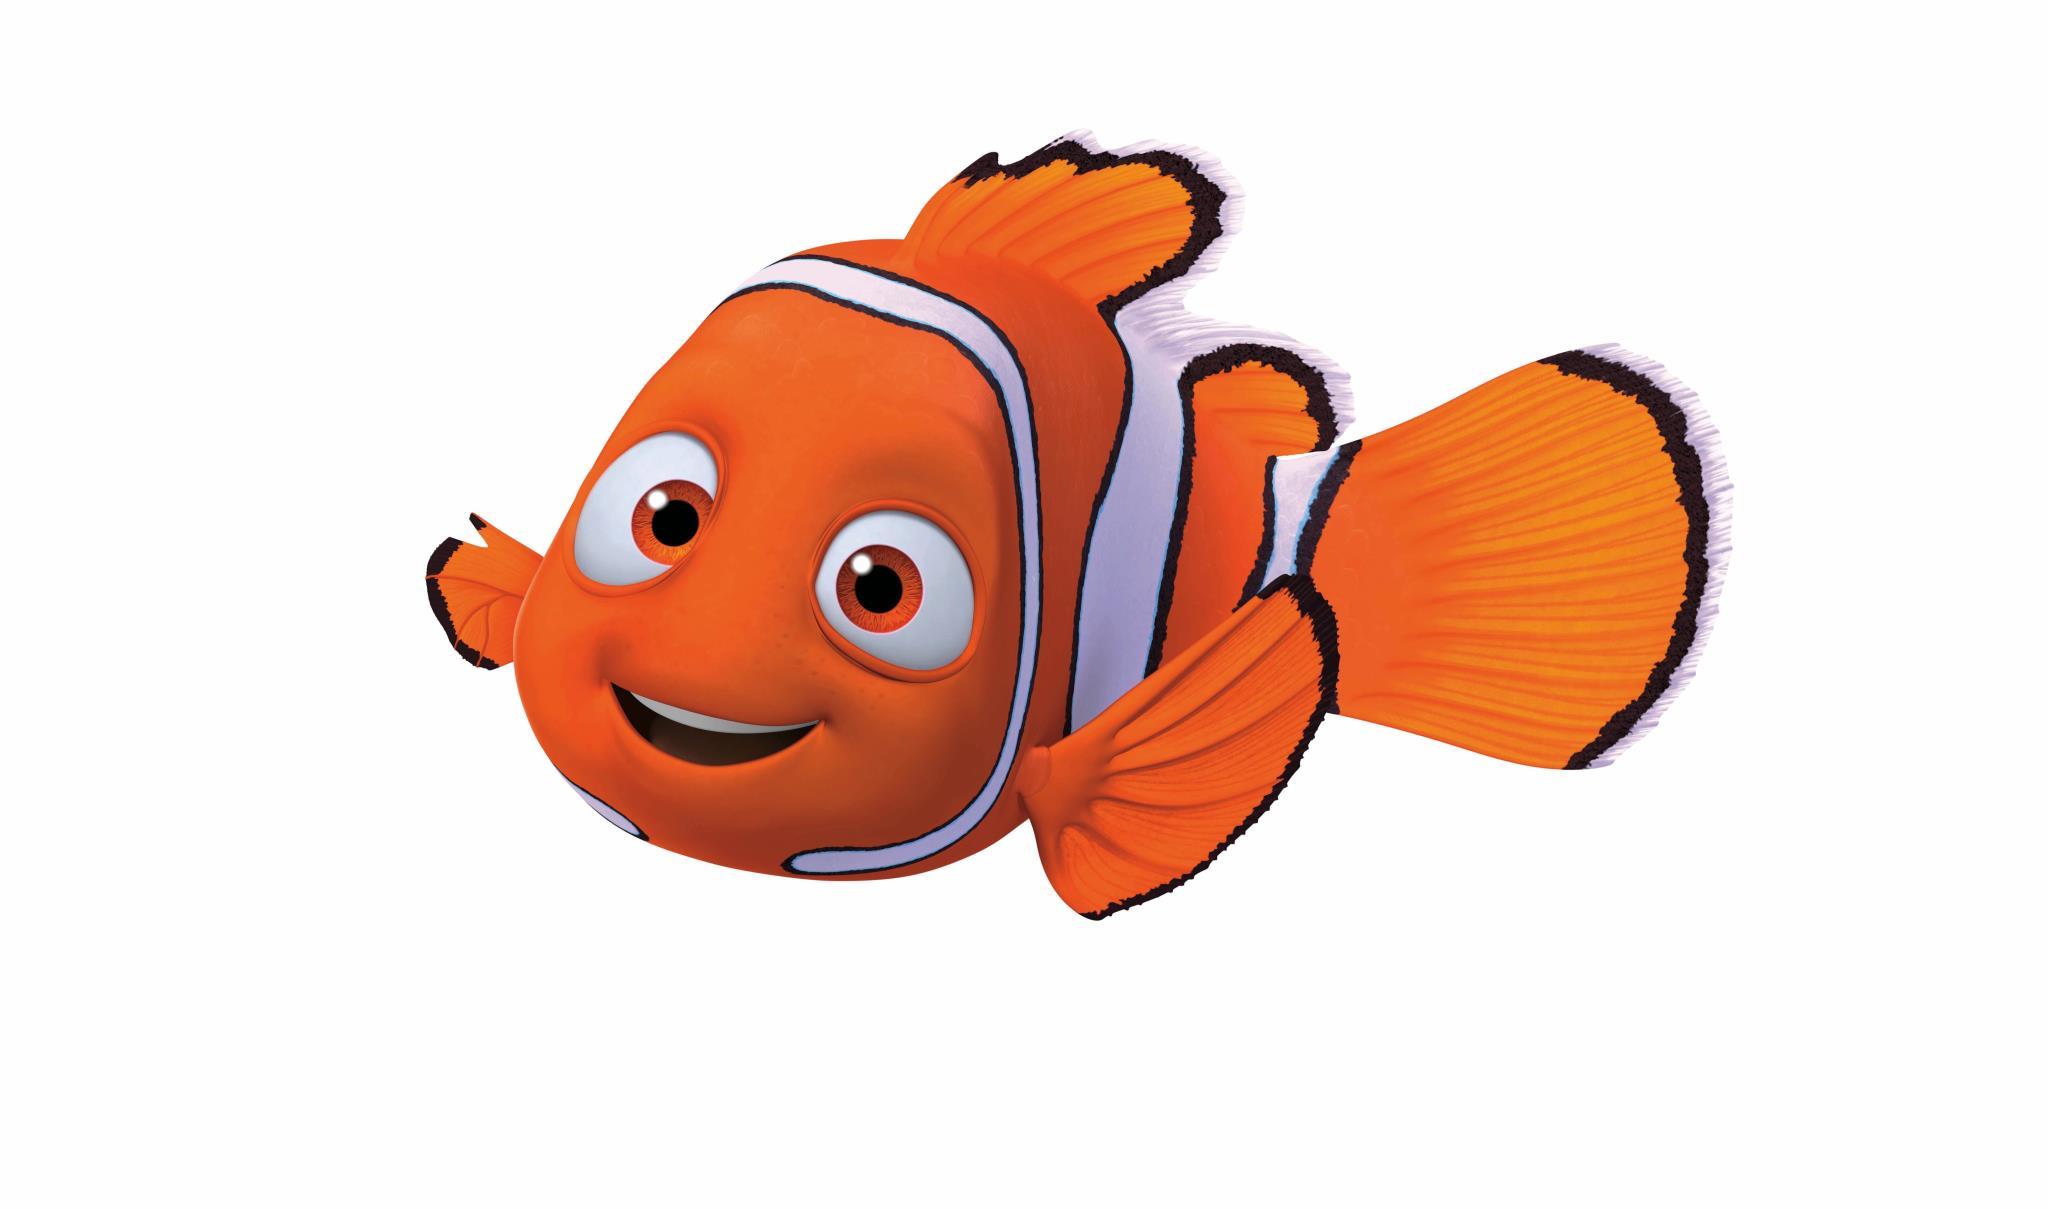 Finding Nemo Hiu 19343 Hd Wallpapers-Finding Nemo Hiu 19343 Hd Wallpapers-1